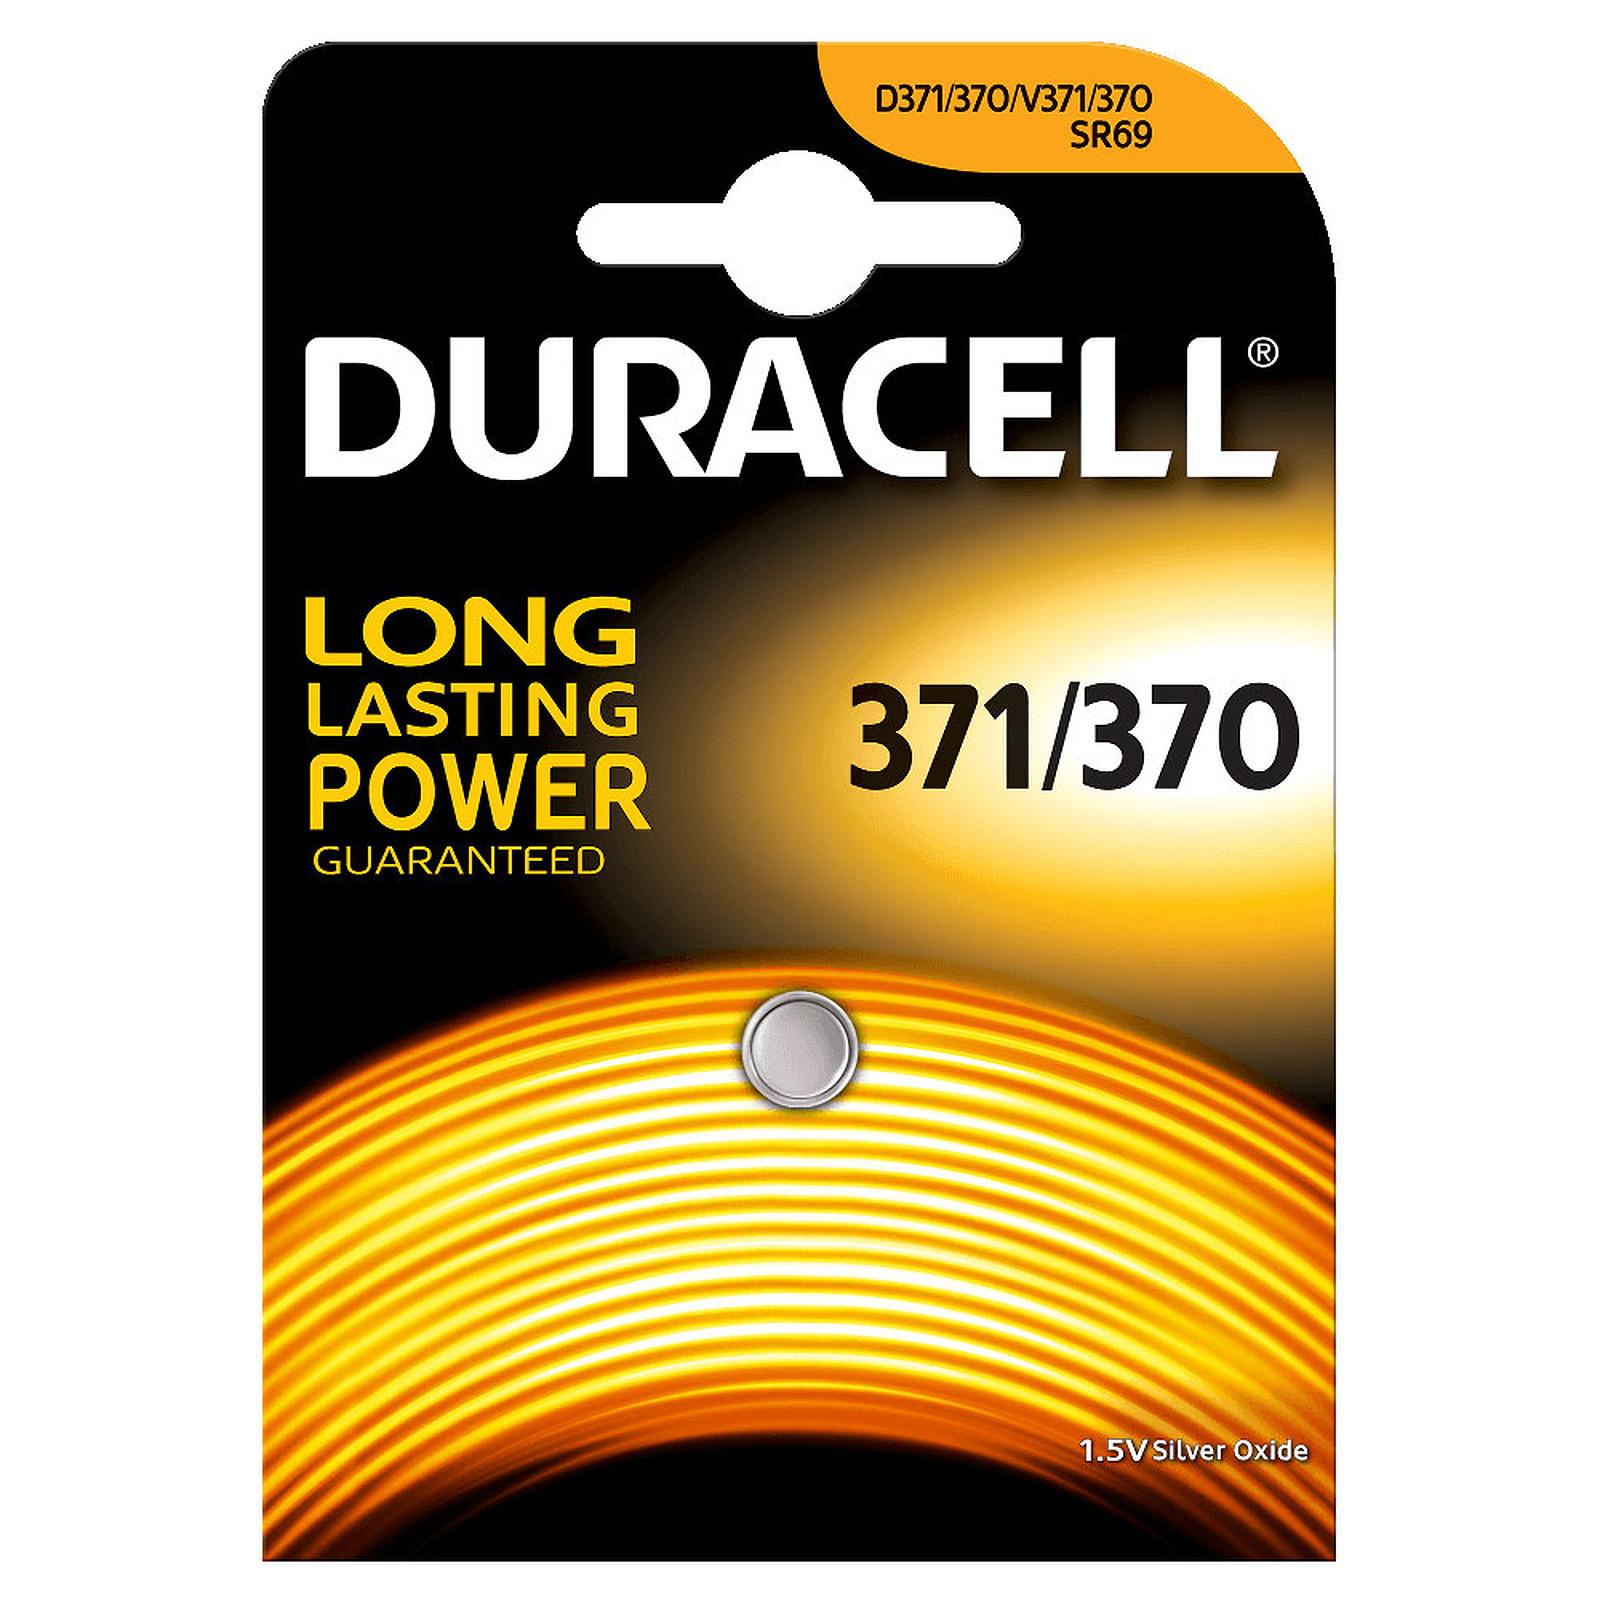 Duracell 371/370 1.5V